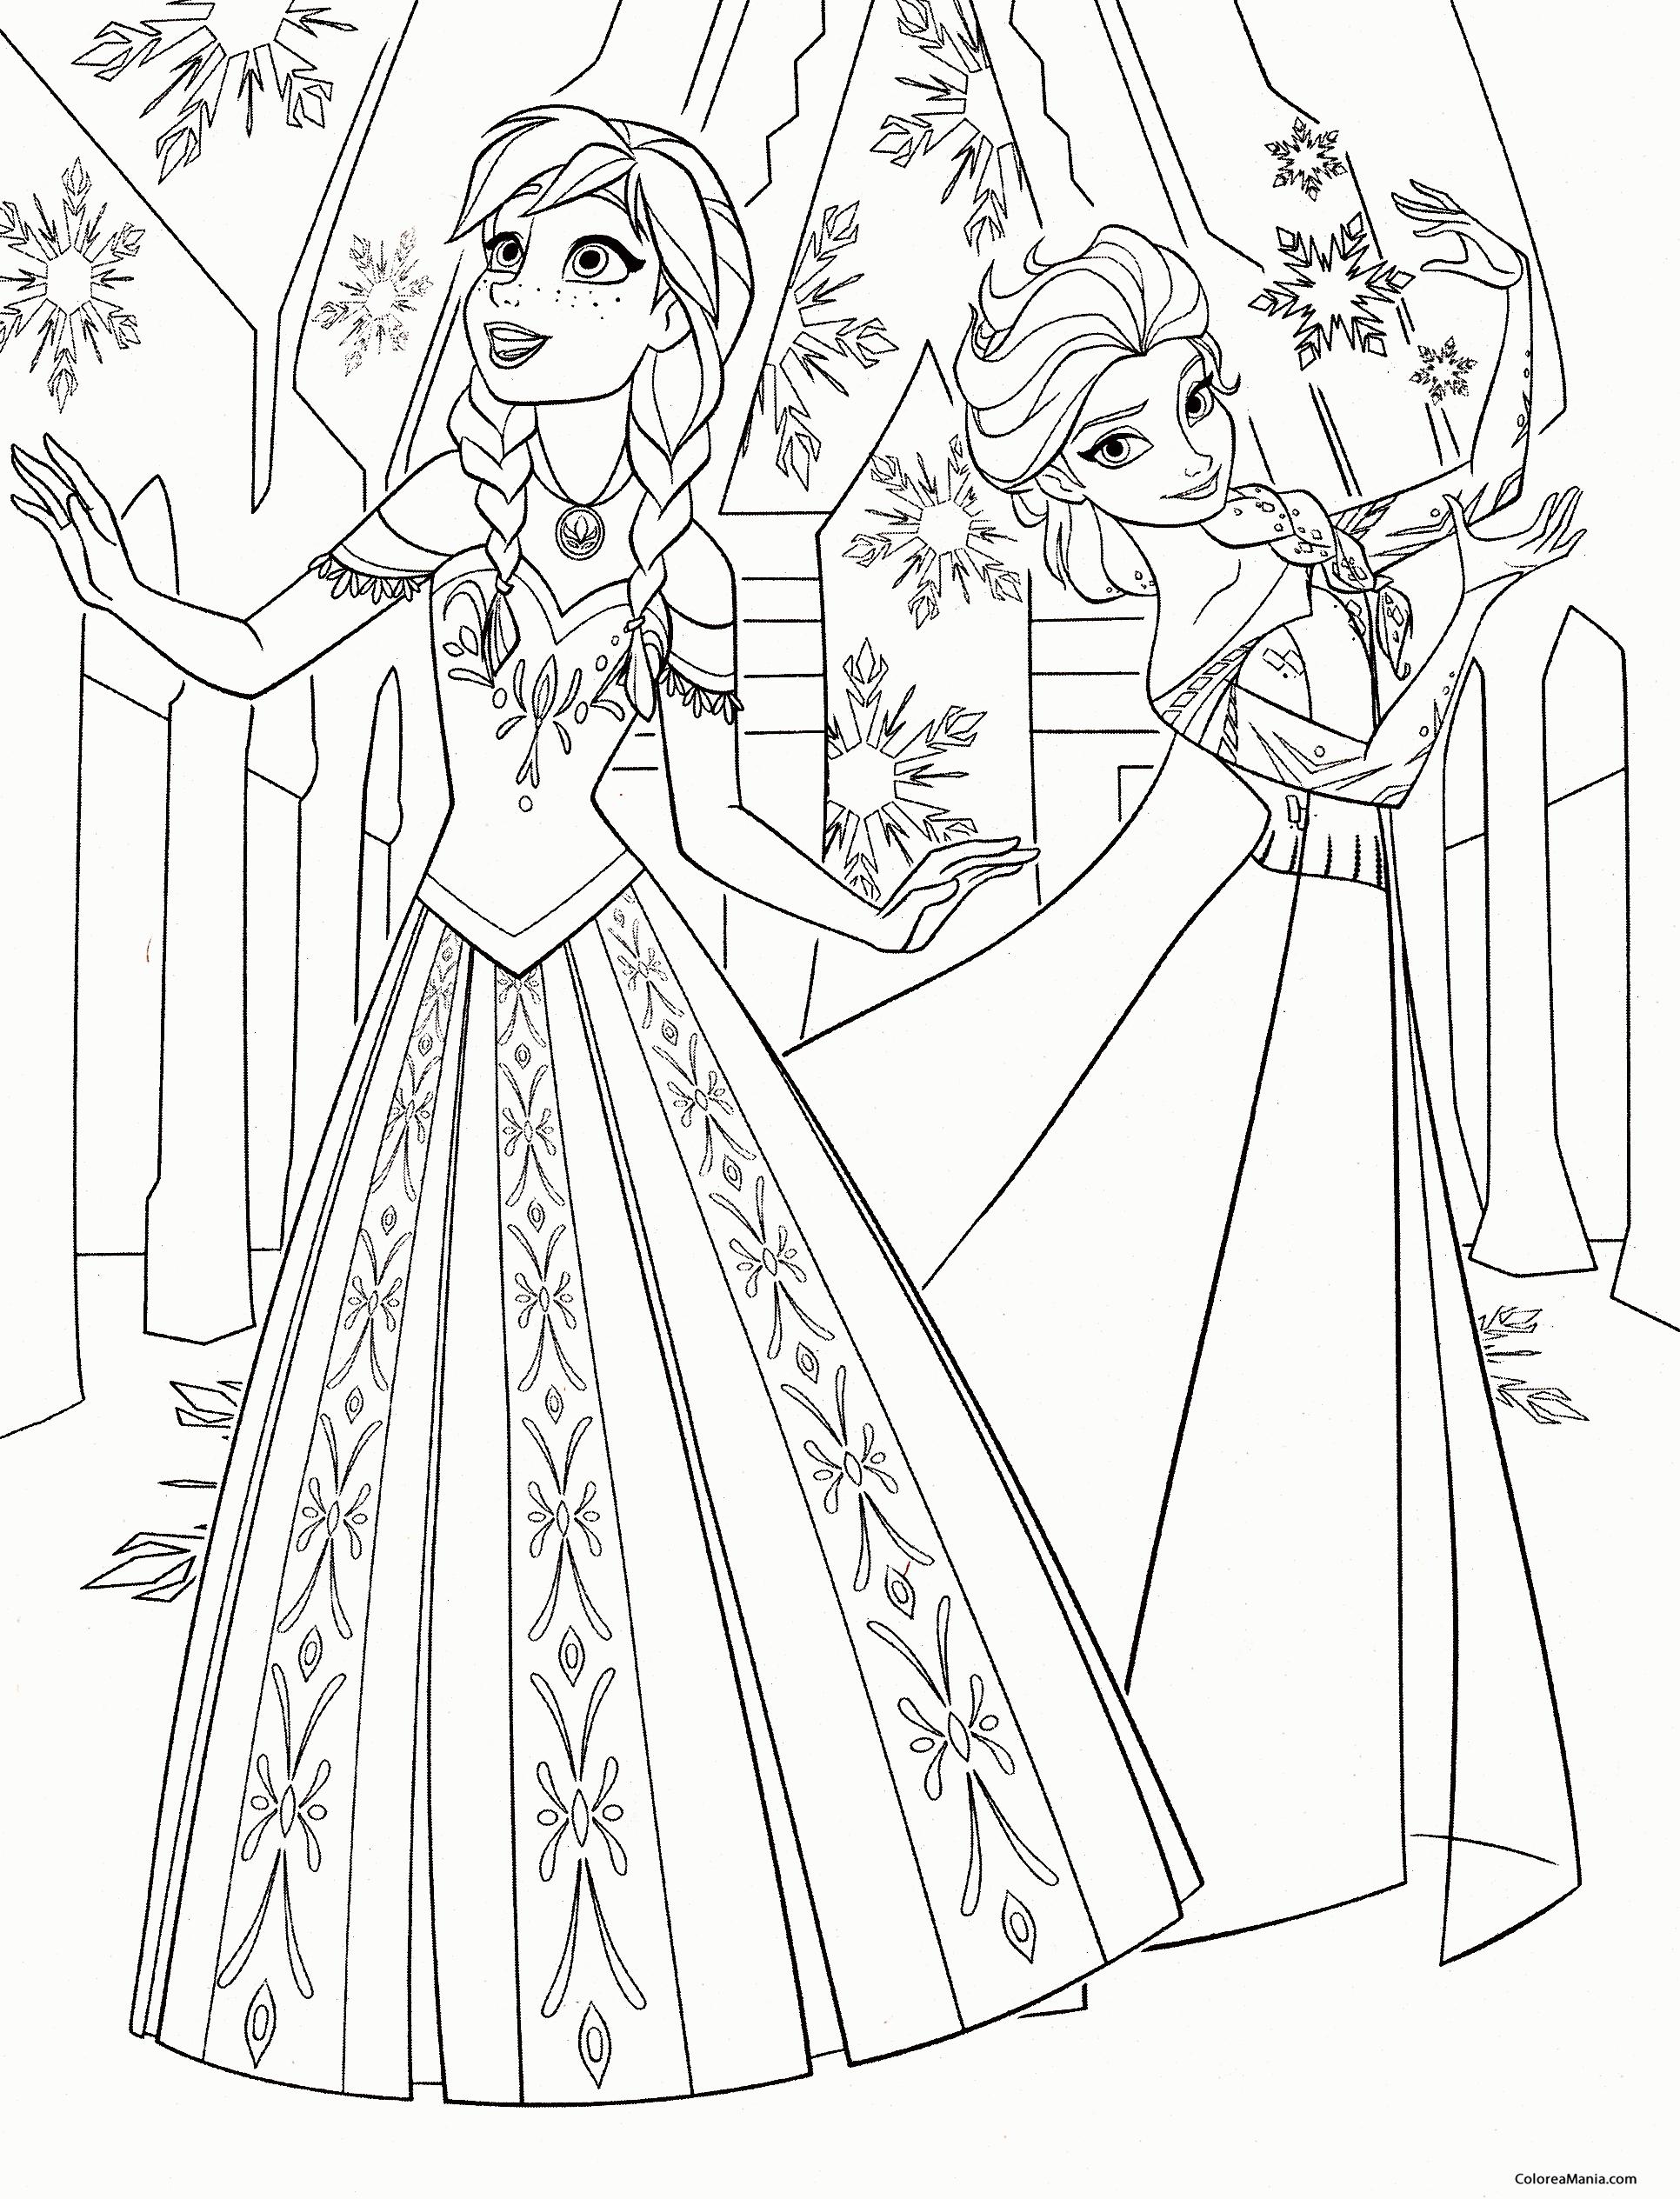 Colorear Anna Y Elsa Bailando Frozen Dibujo Para Colorear